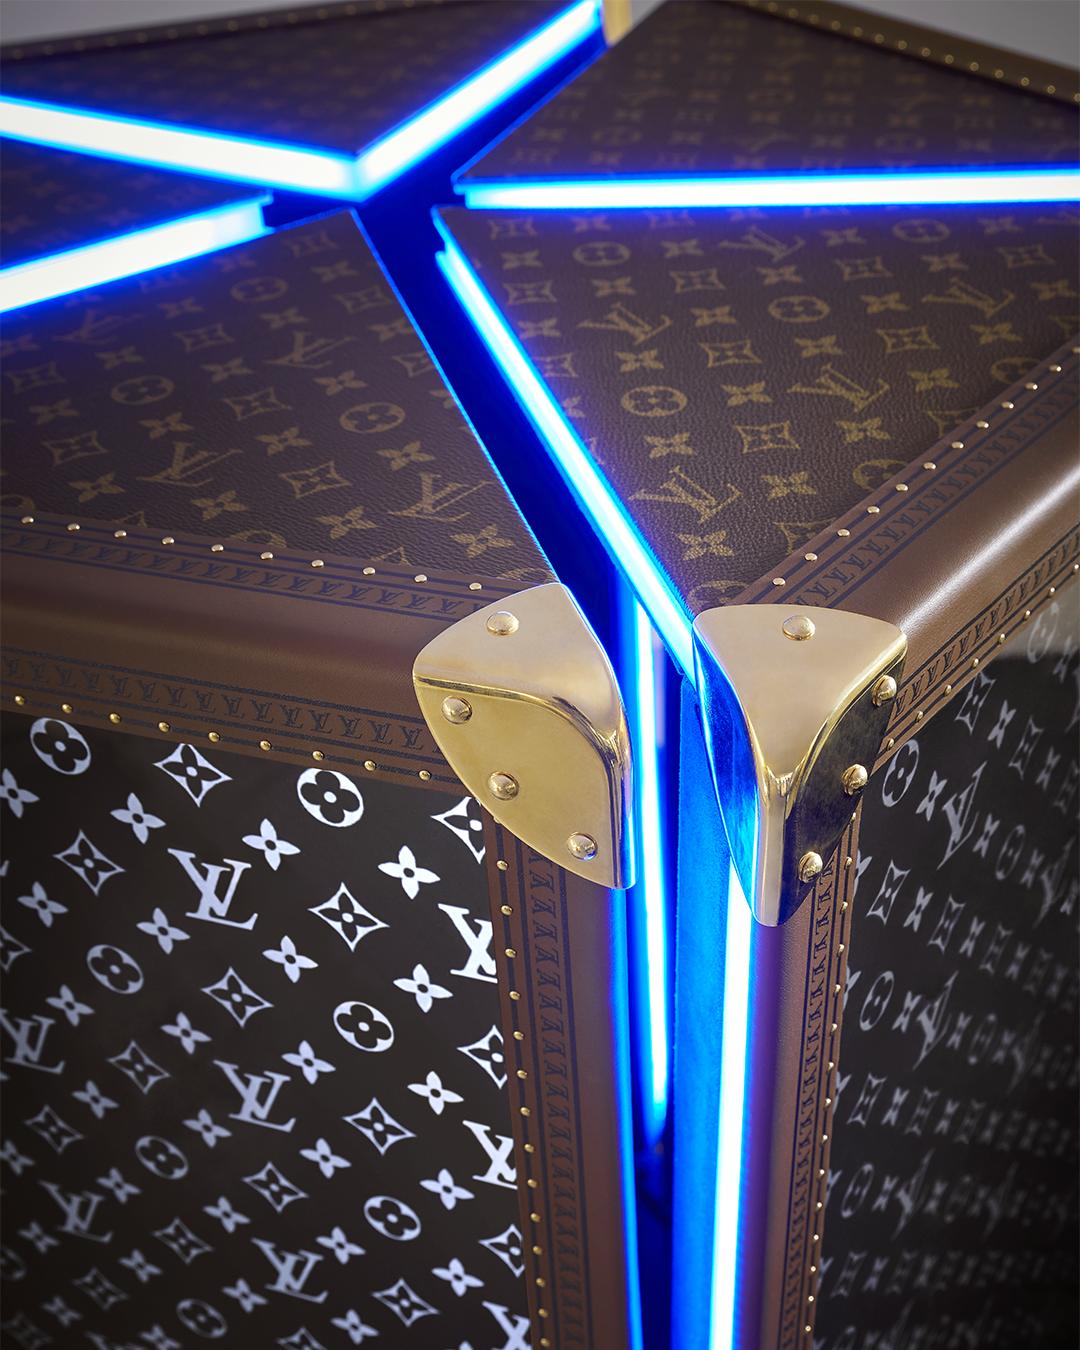 chiếc rương đựng cúp cho giải đấu năm 2019 của Louis Vuitton thiết kế khi nhà mốt hợp tác cùng Riot Games - nhà phát hành game League of Legends